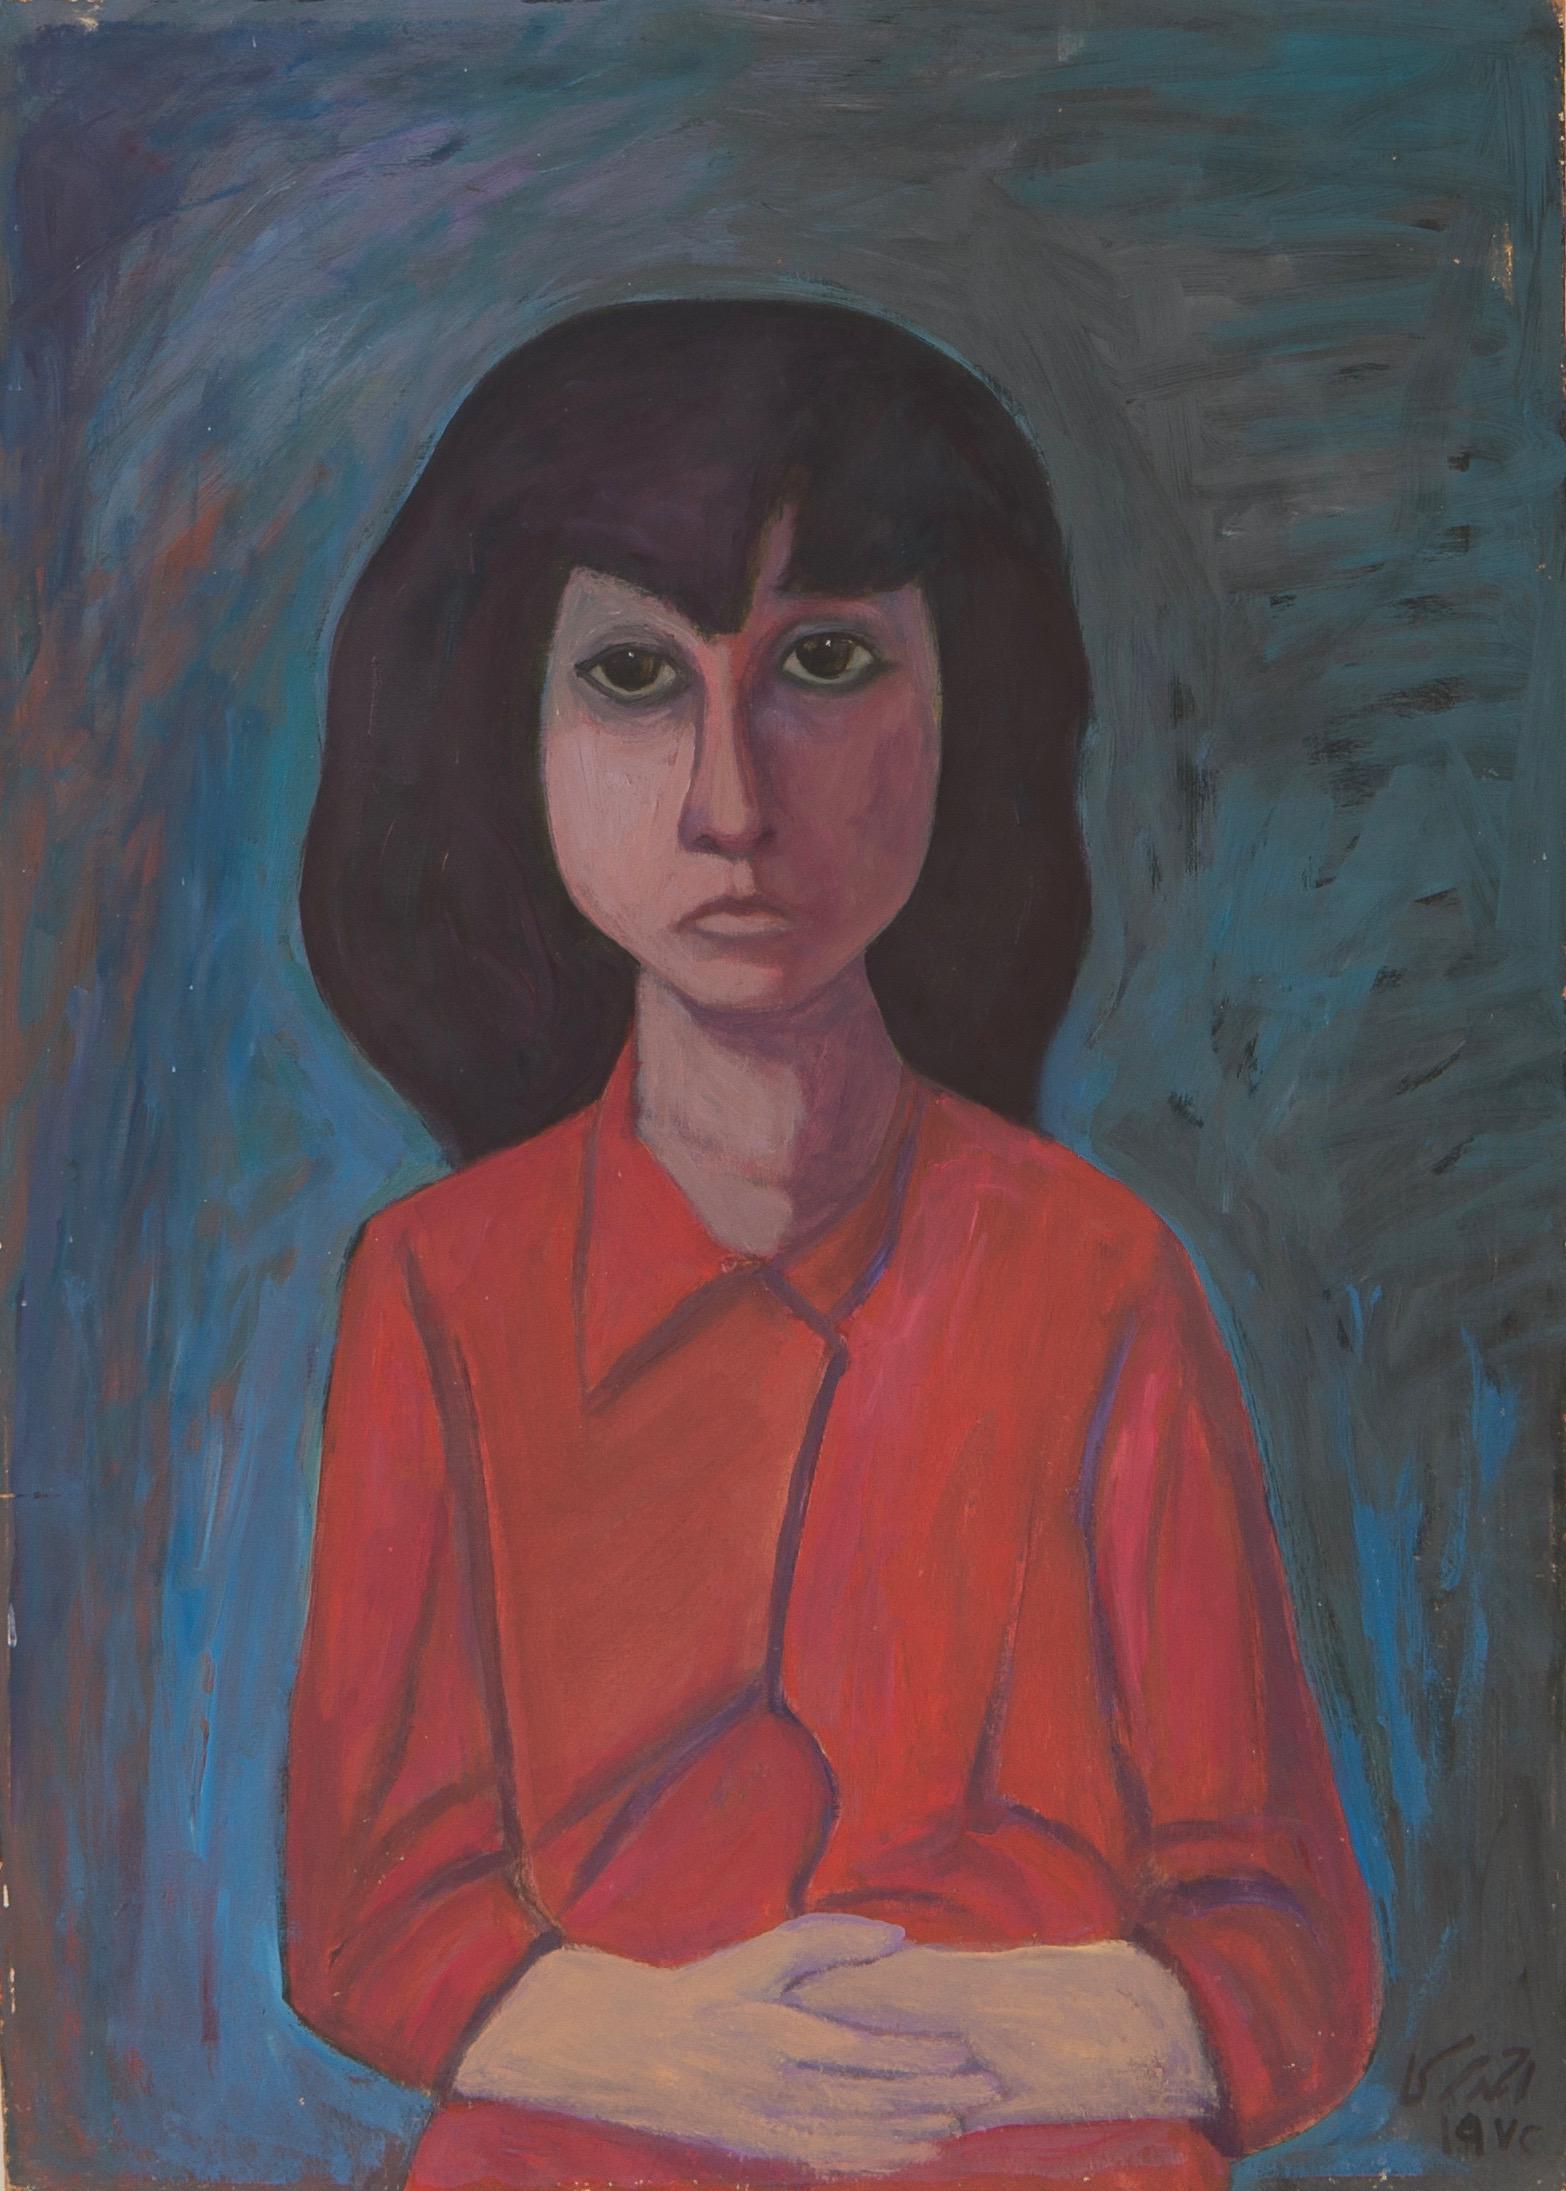 Ahmed-Morsi-Portrait-of-the-Artist's-Daughter-1975.jpg